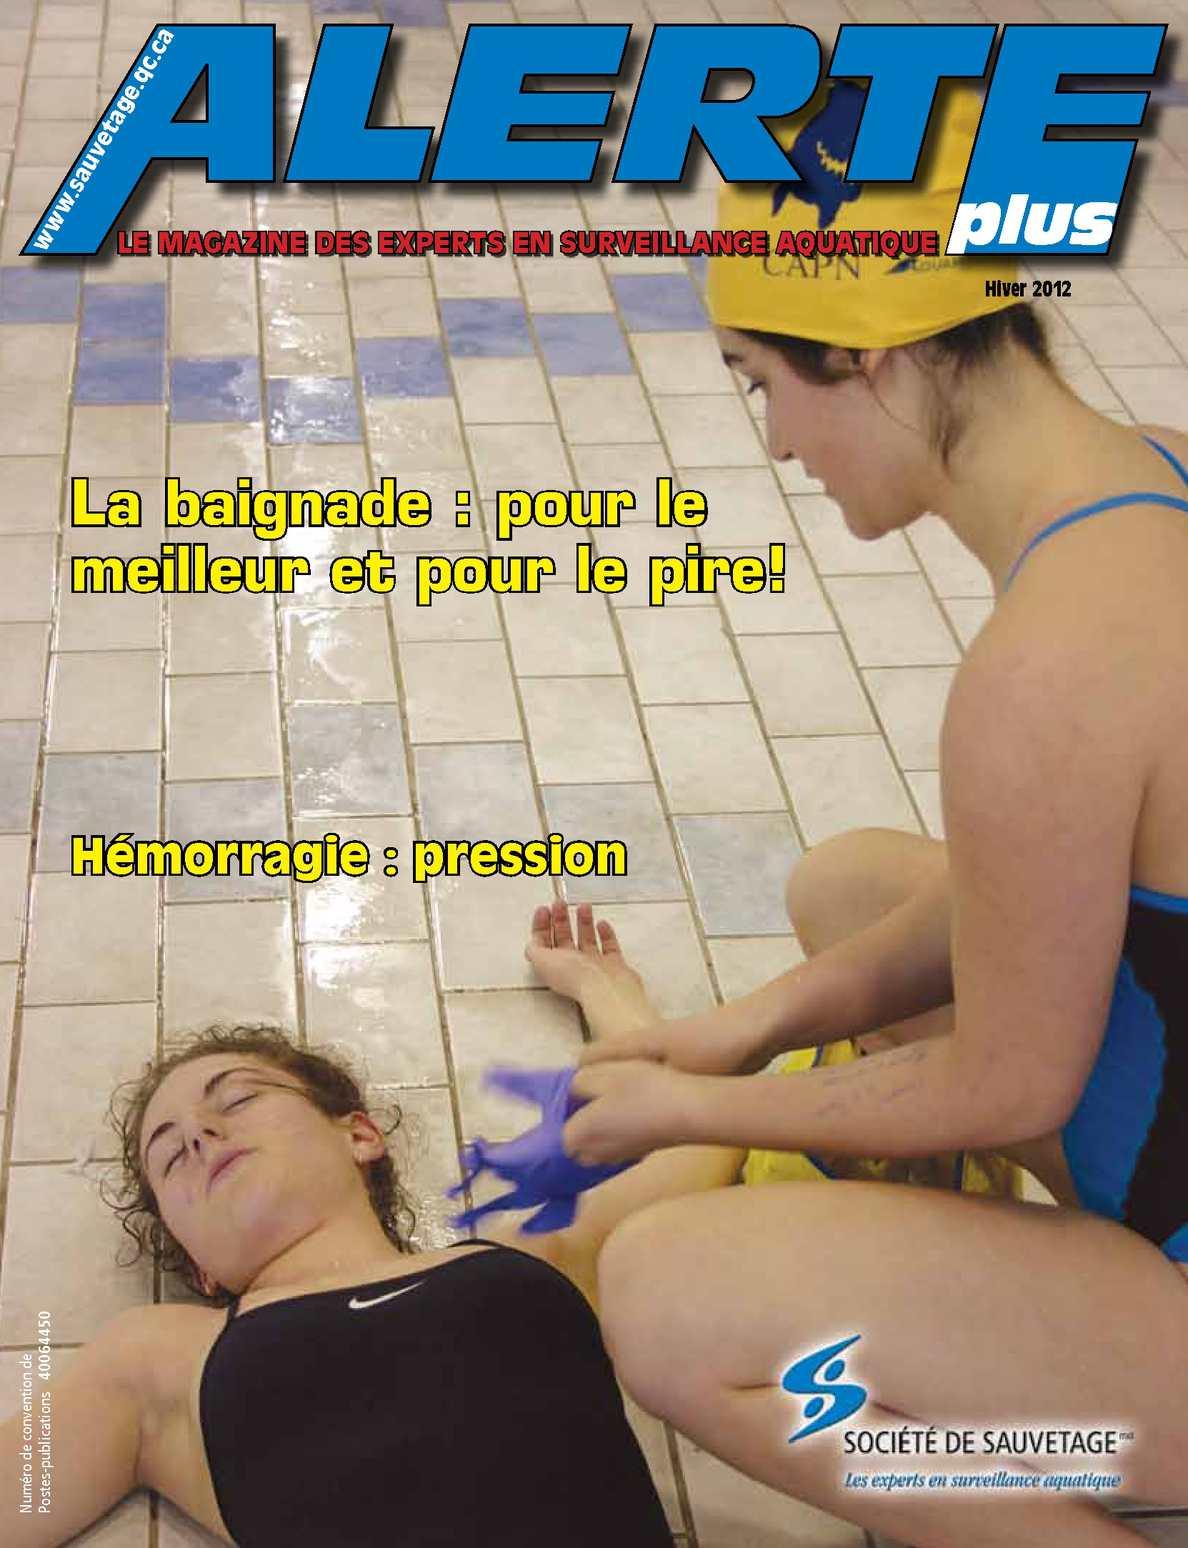 Magazine Alerte plus - Hiver 2012